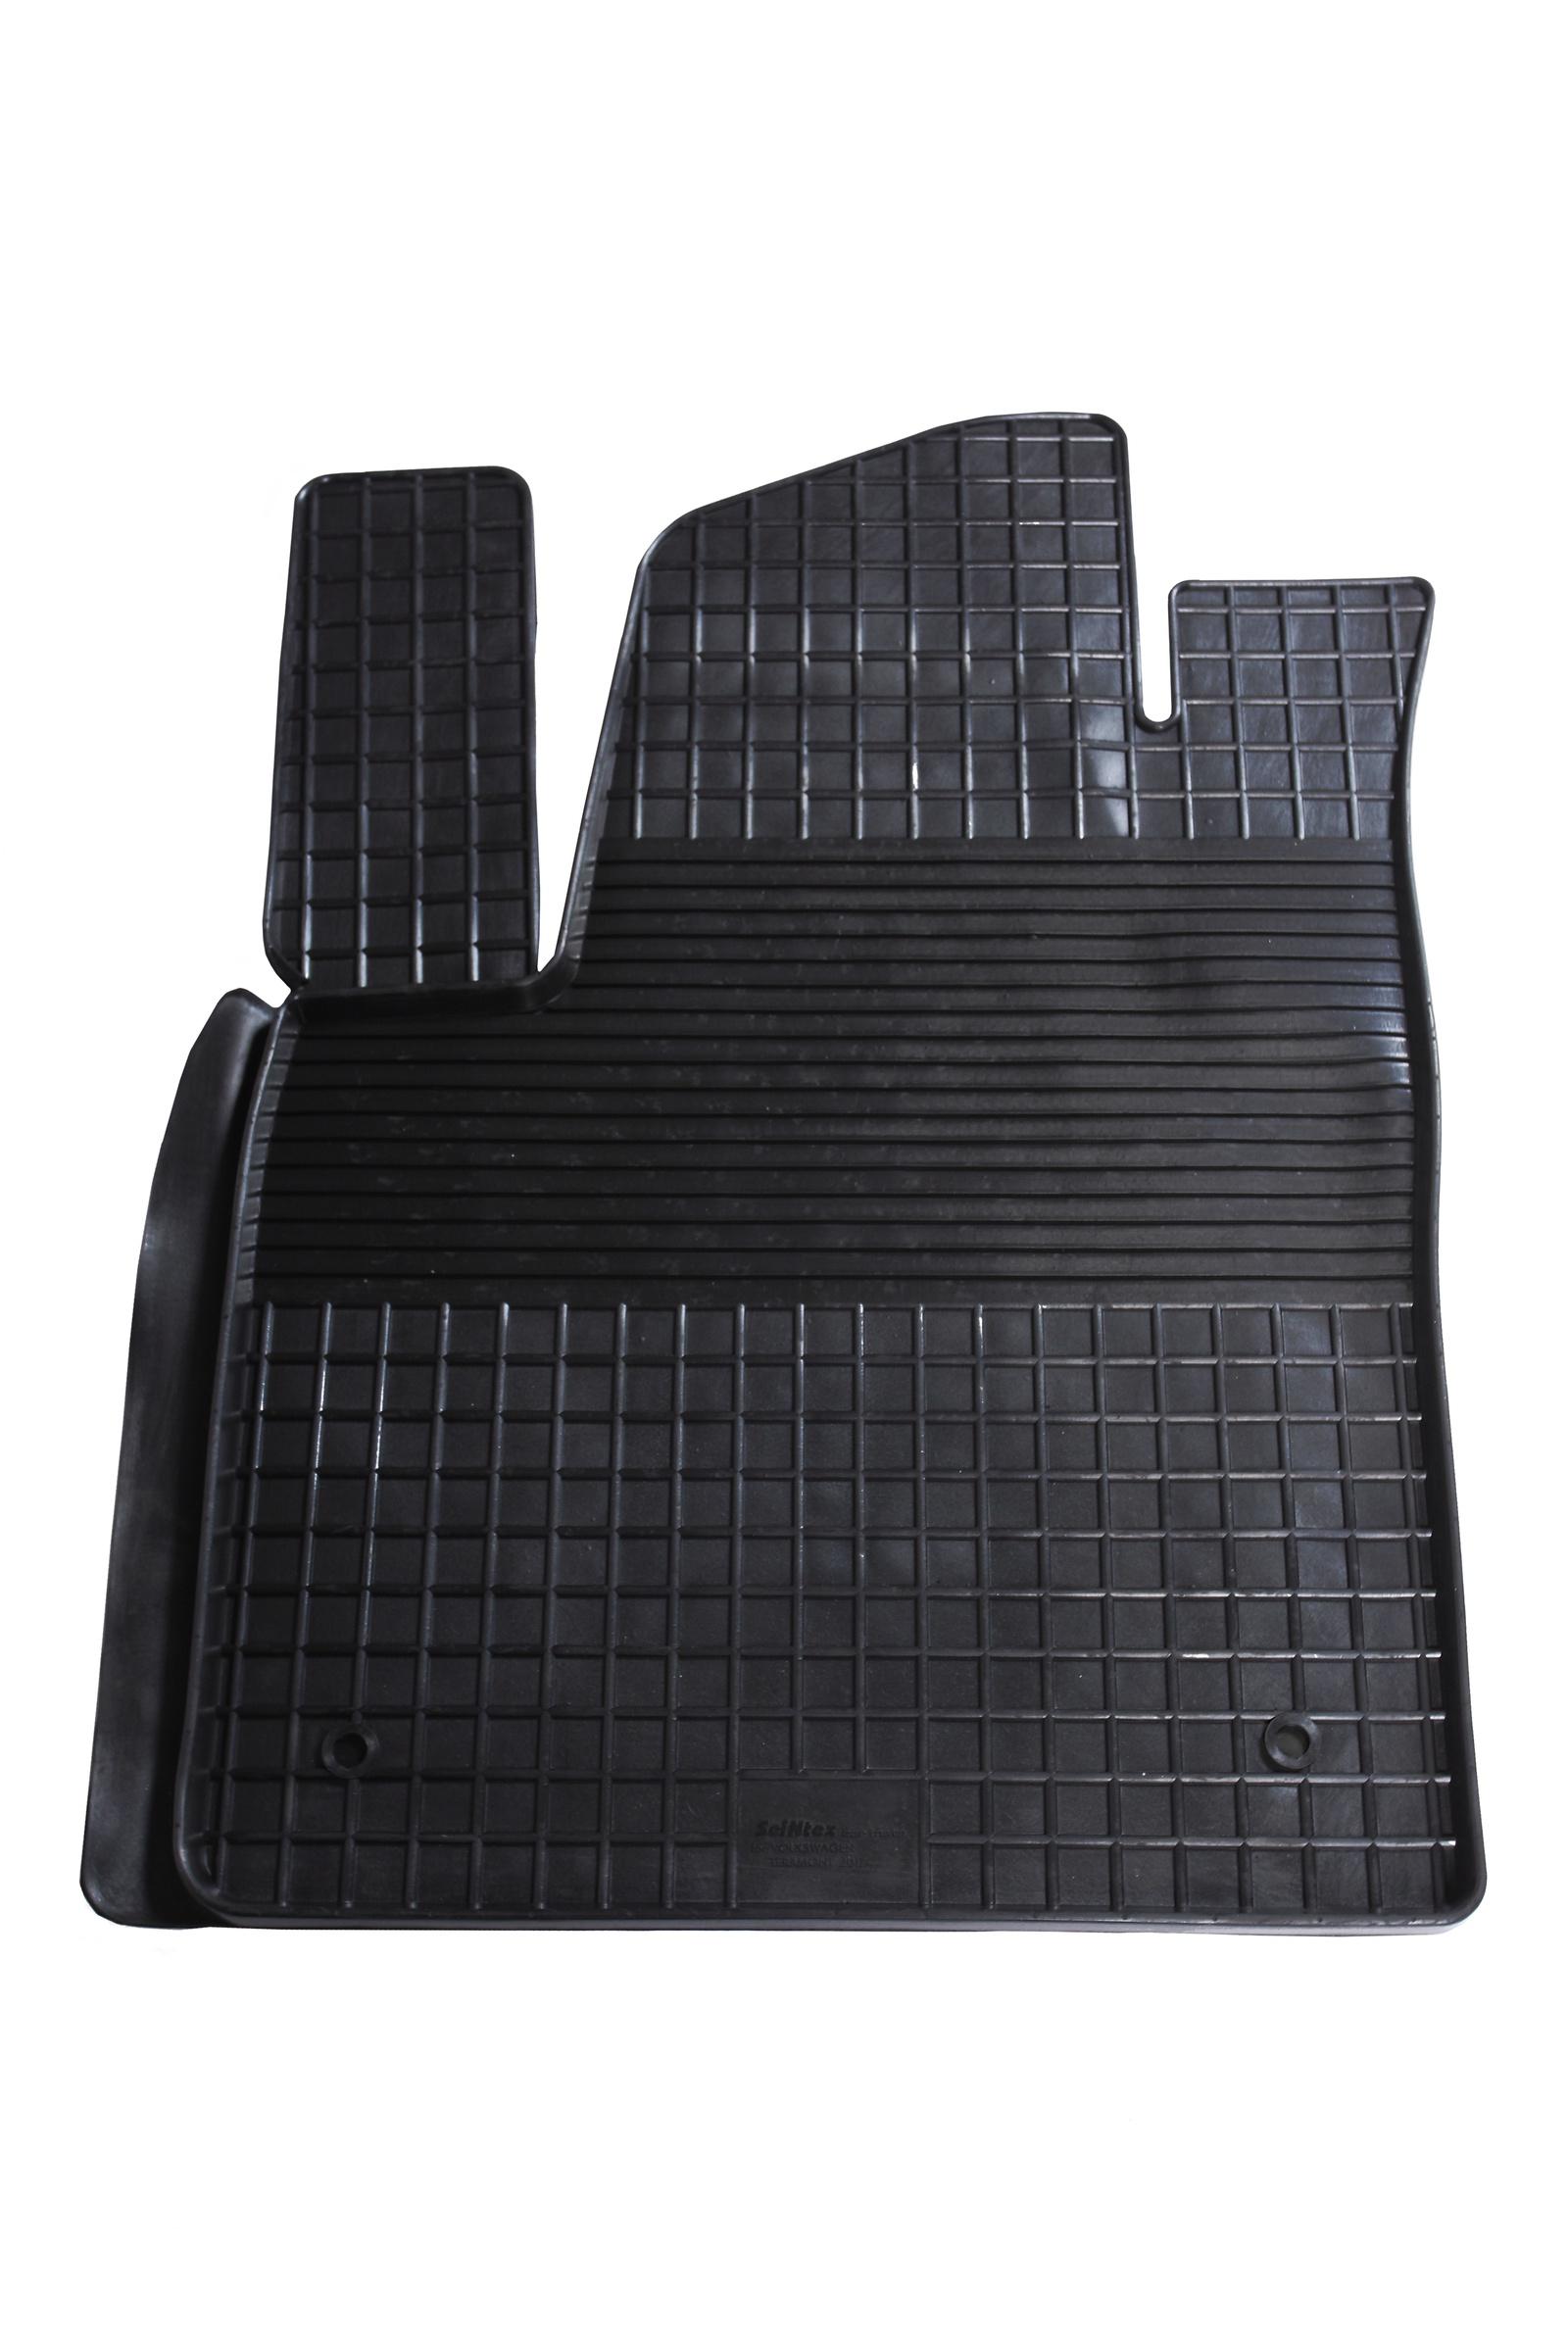 Коврики в салон автомобиля Seintex Резиновые коврики Сетка для Acura MDX 2014-н.в. для автомобиля резинотканевые коврики